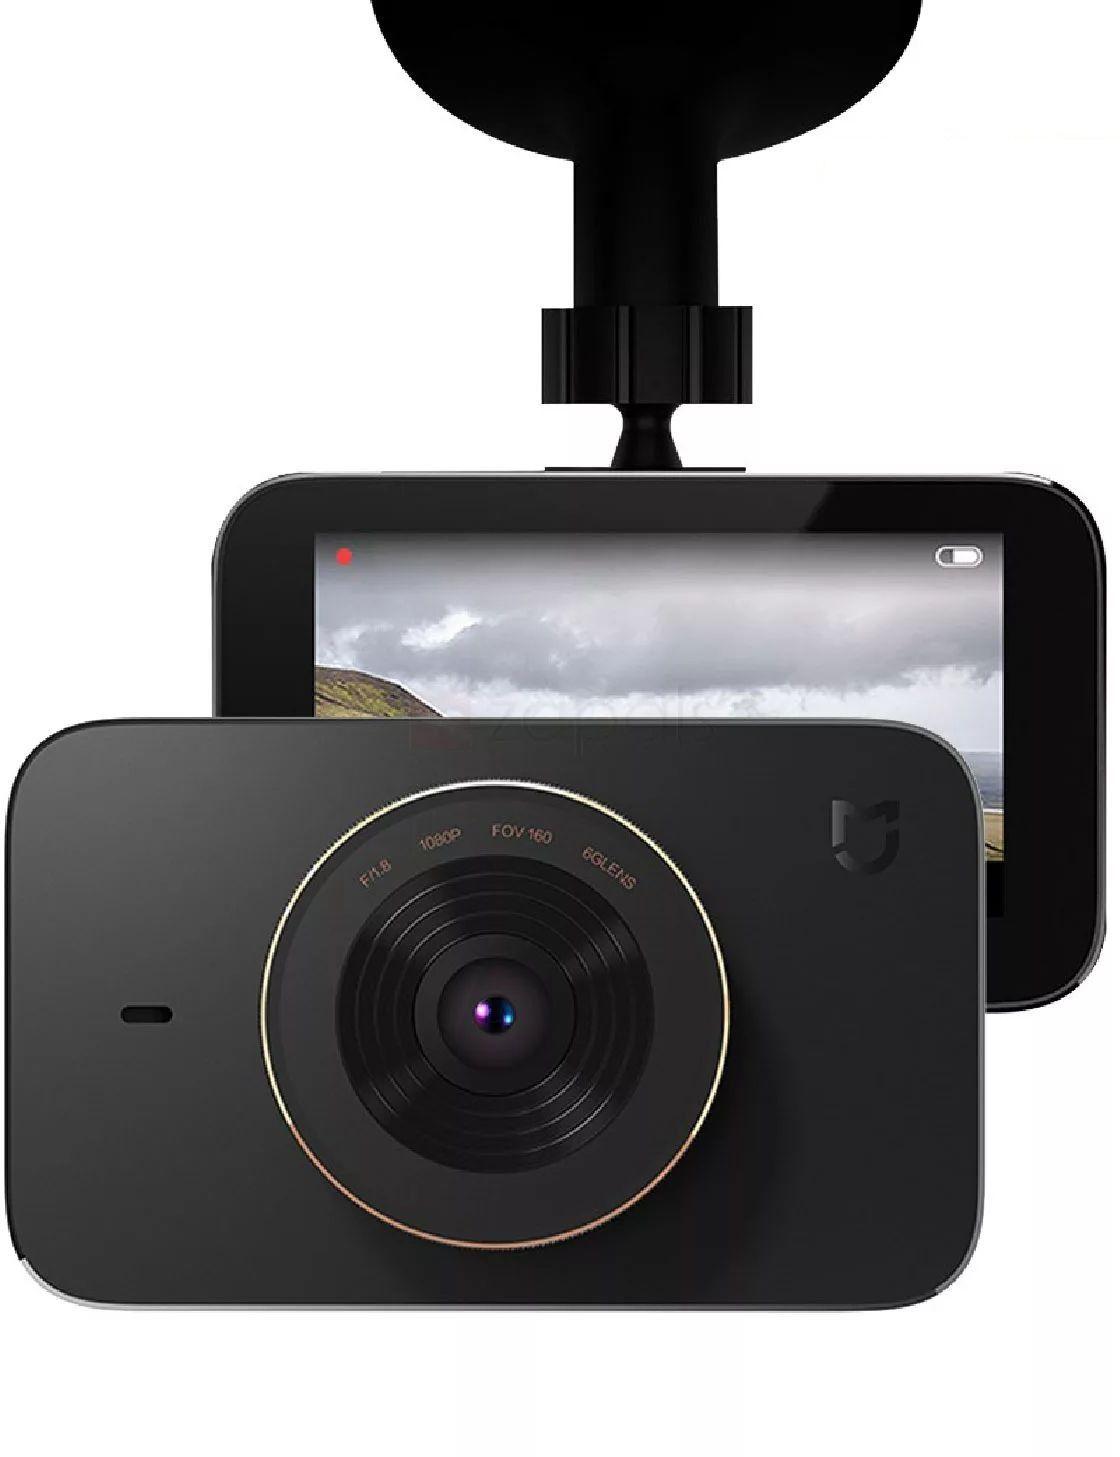 كاميرا شاومي1S Dash للسيارة